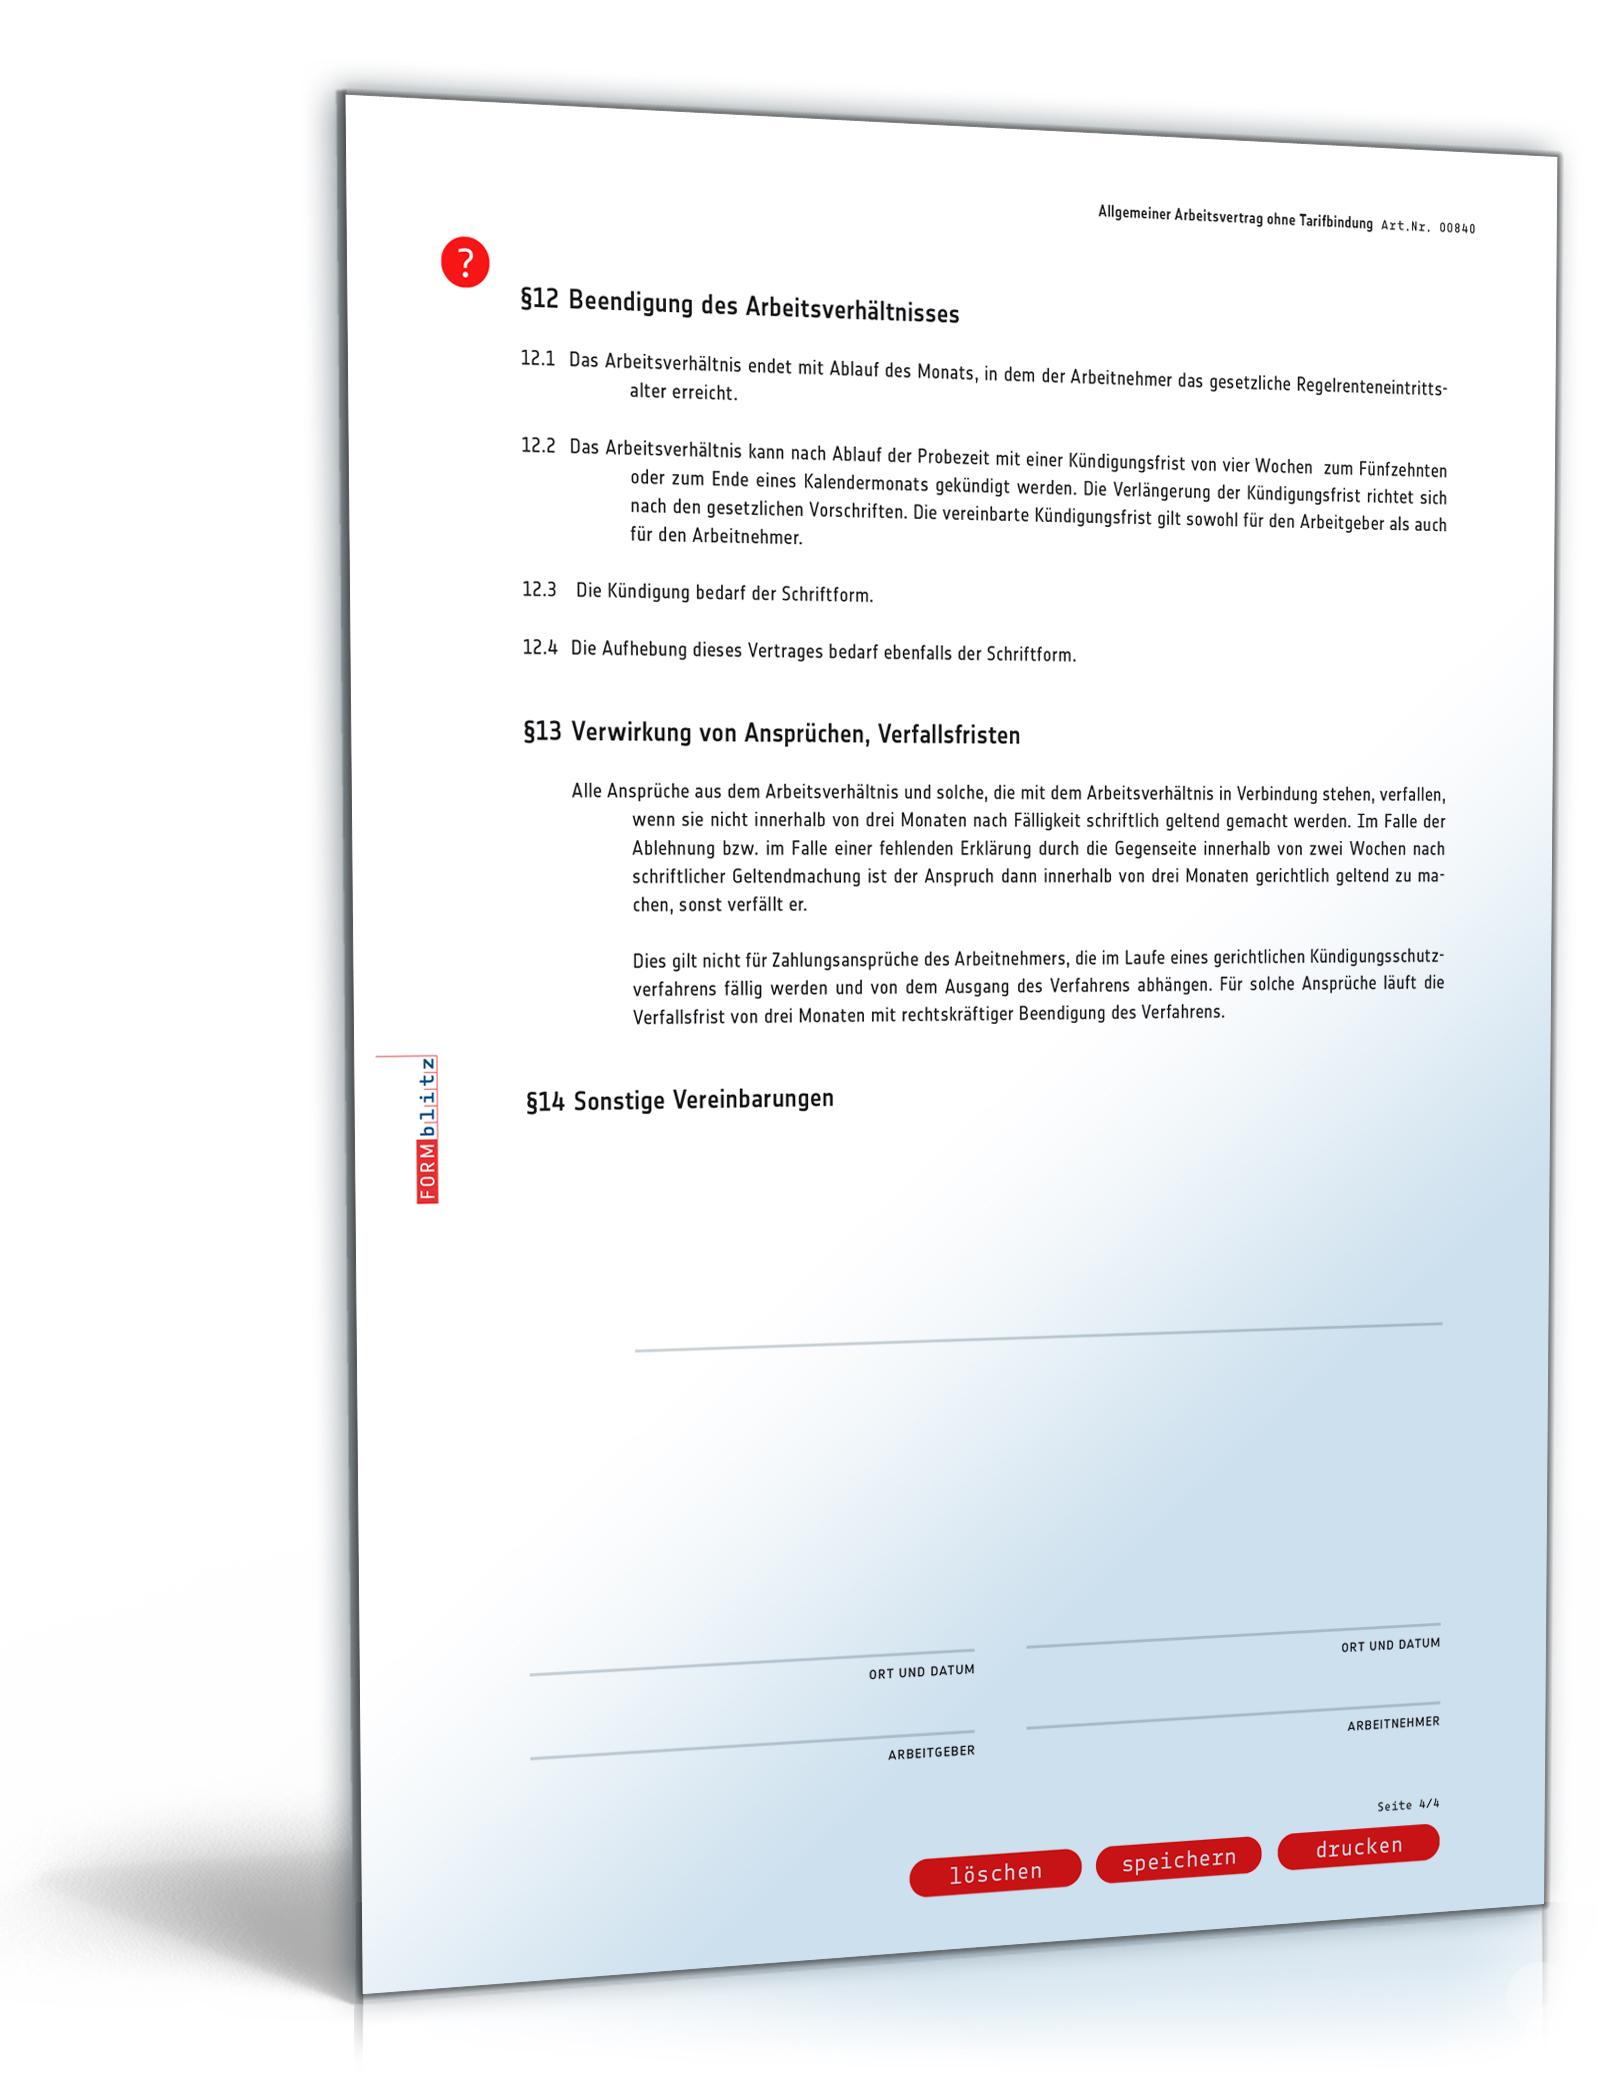 Arbeitsvertrag Doc Allgemeine Vereinbarung Ohne Tarifbindung